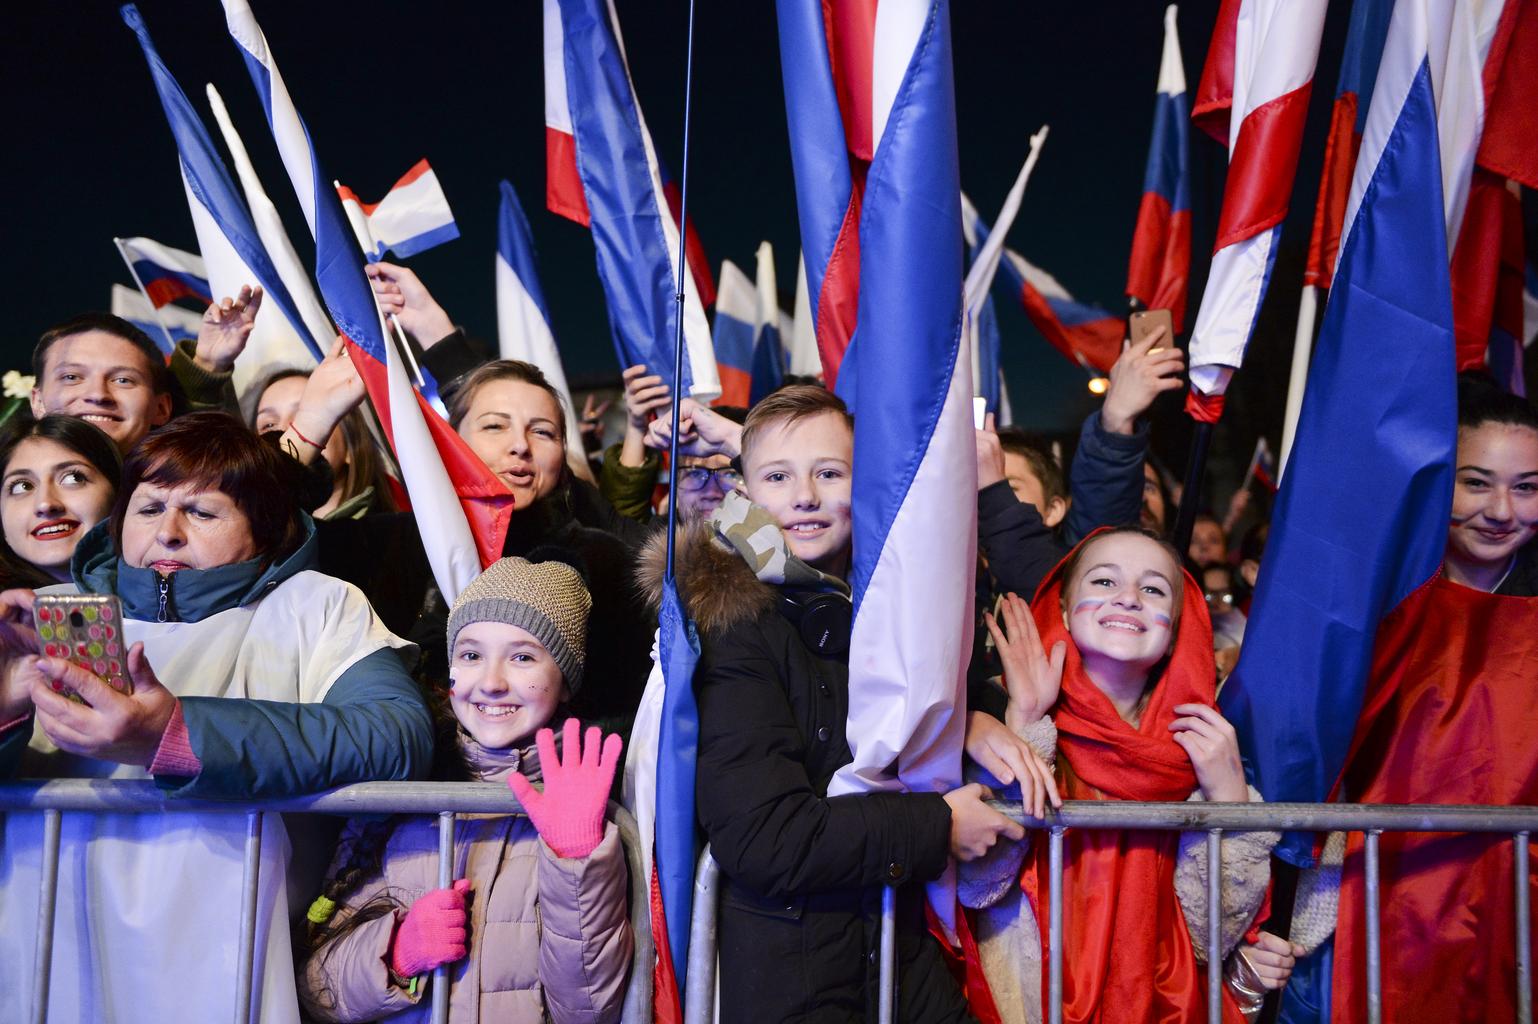 Ünneplők Szimferopolban, Krím Oroszországhoz visszatérésének ötödik évfordulóján 2019. március 18-án #moszkvater